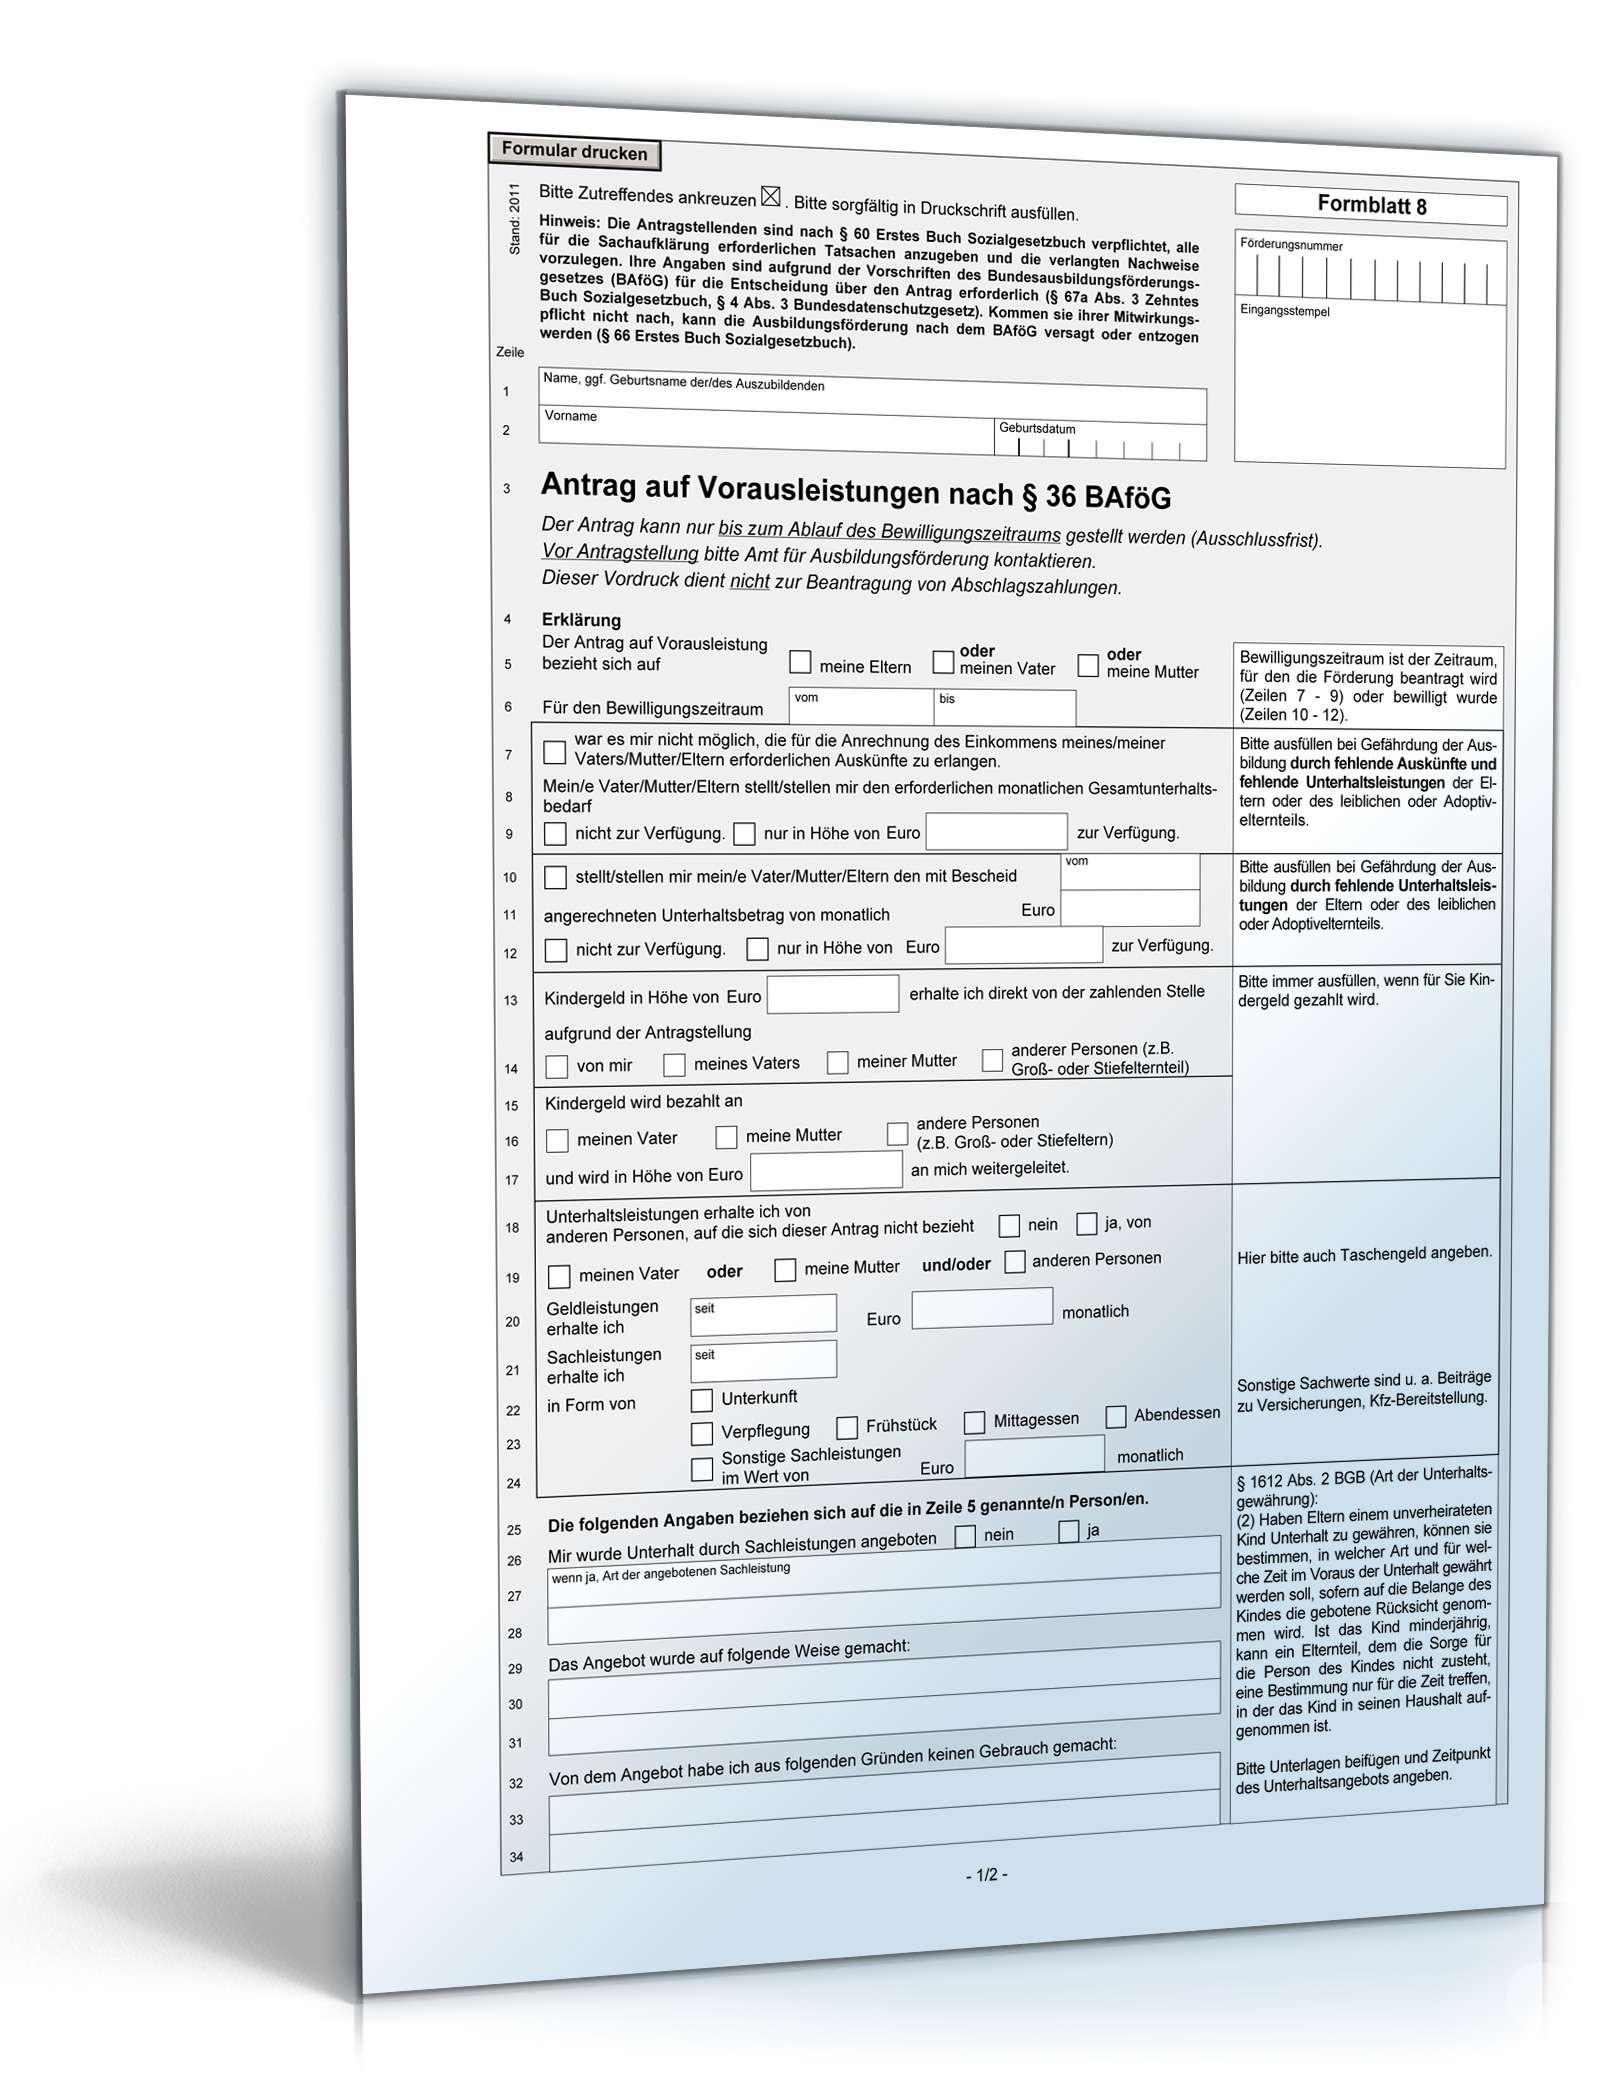 Antrag auf Vorausleistungen nach § 36 BAföG | Formular zum Download